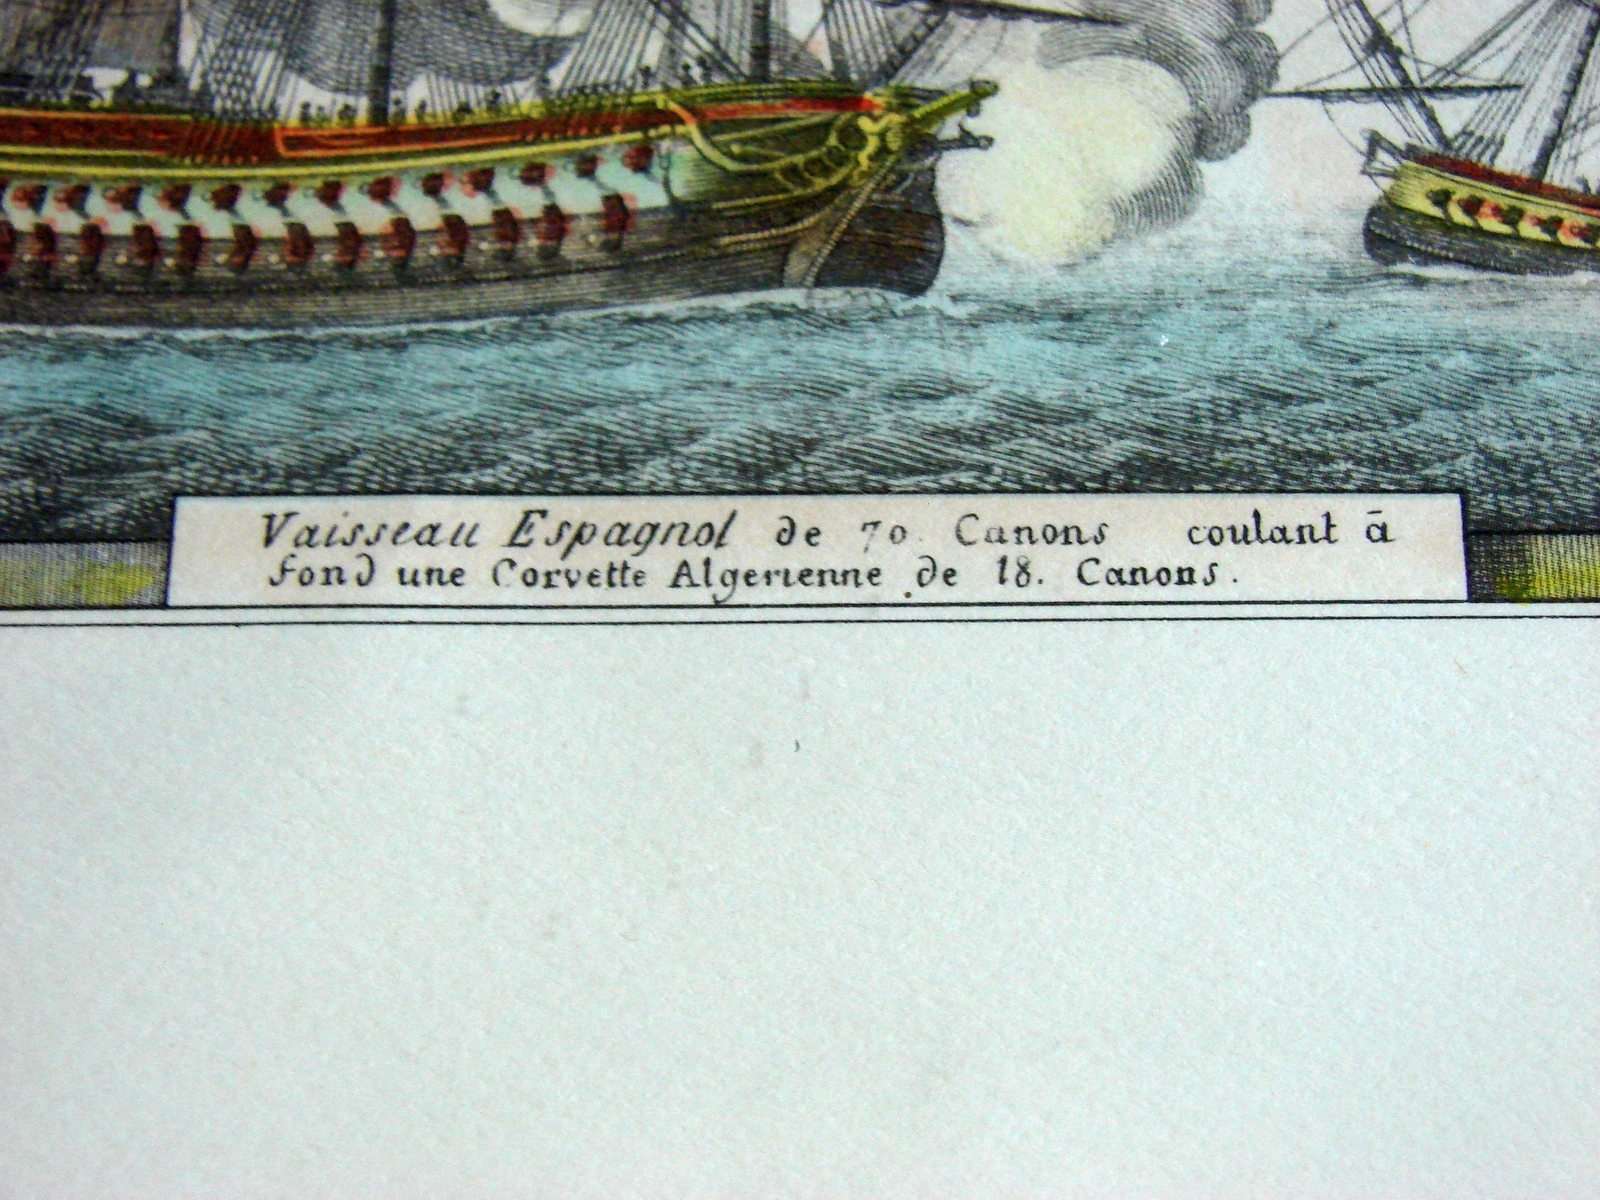 Antique Louis Philippe Crepin Naval Print Vaisseau Espagnol de 70 canons